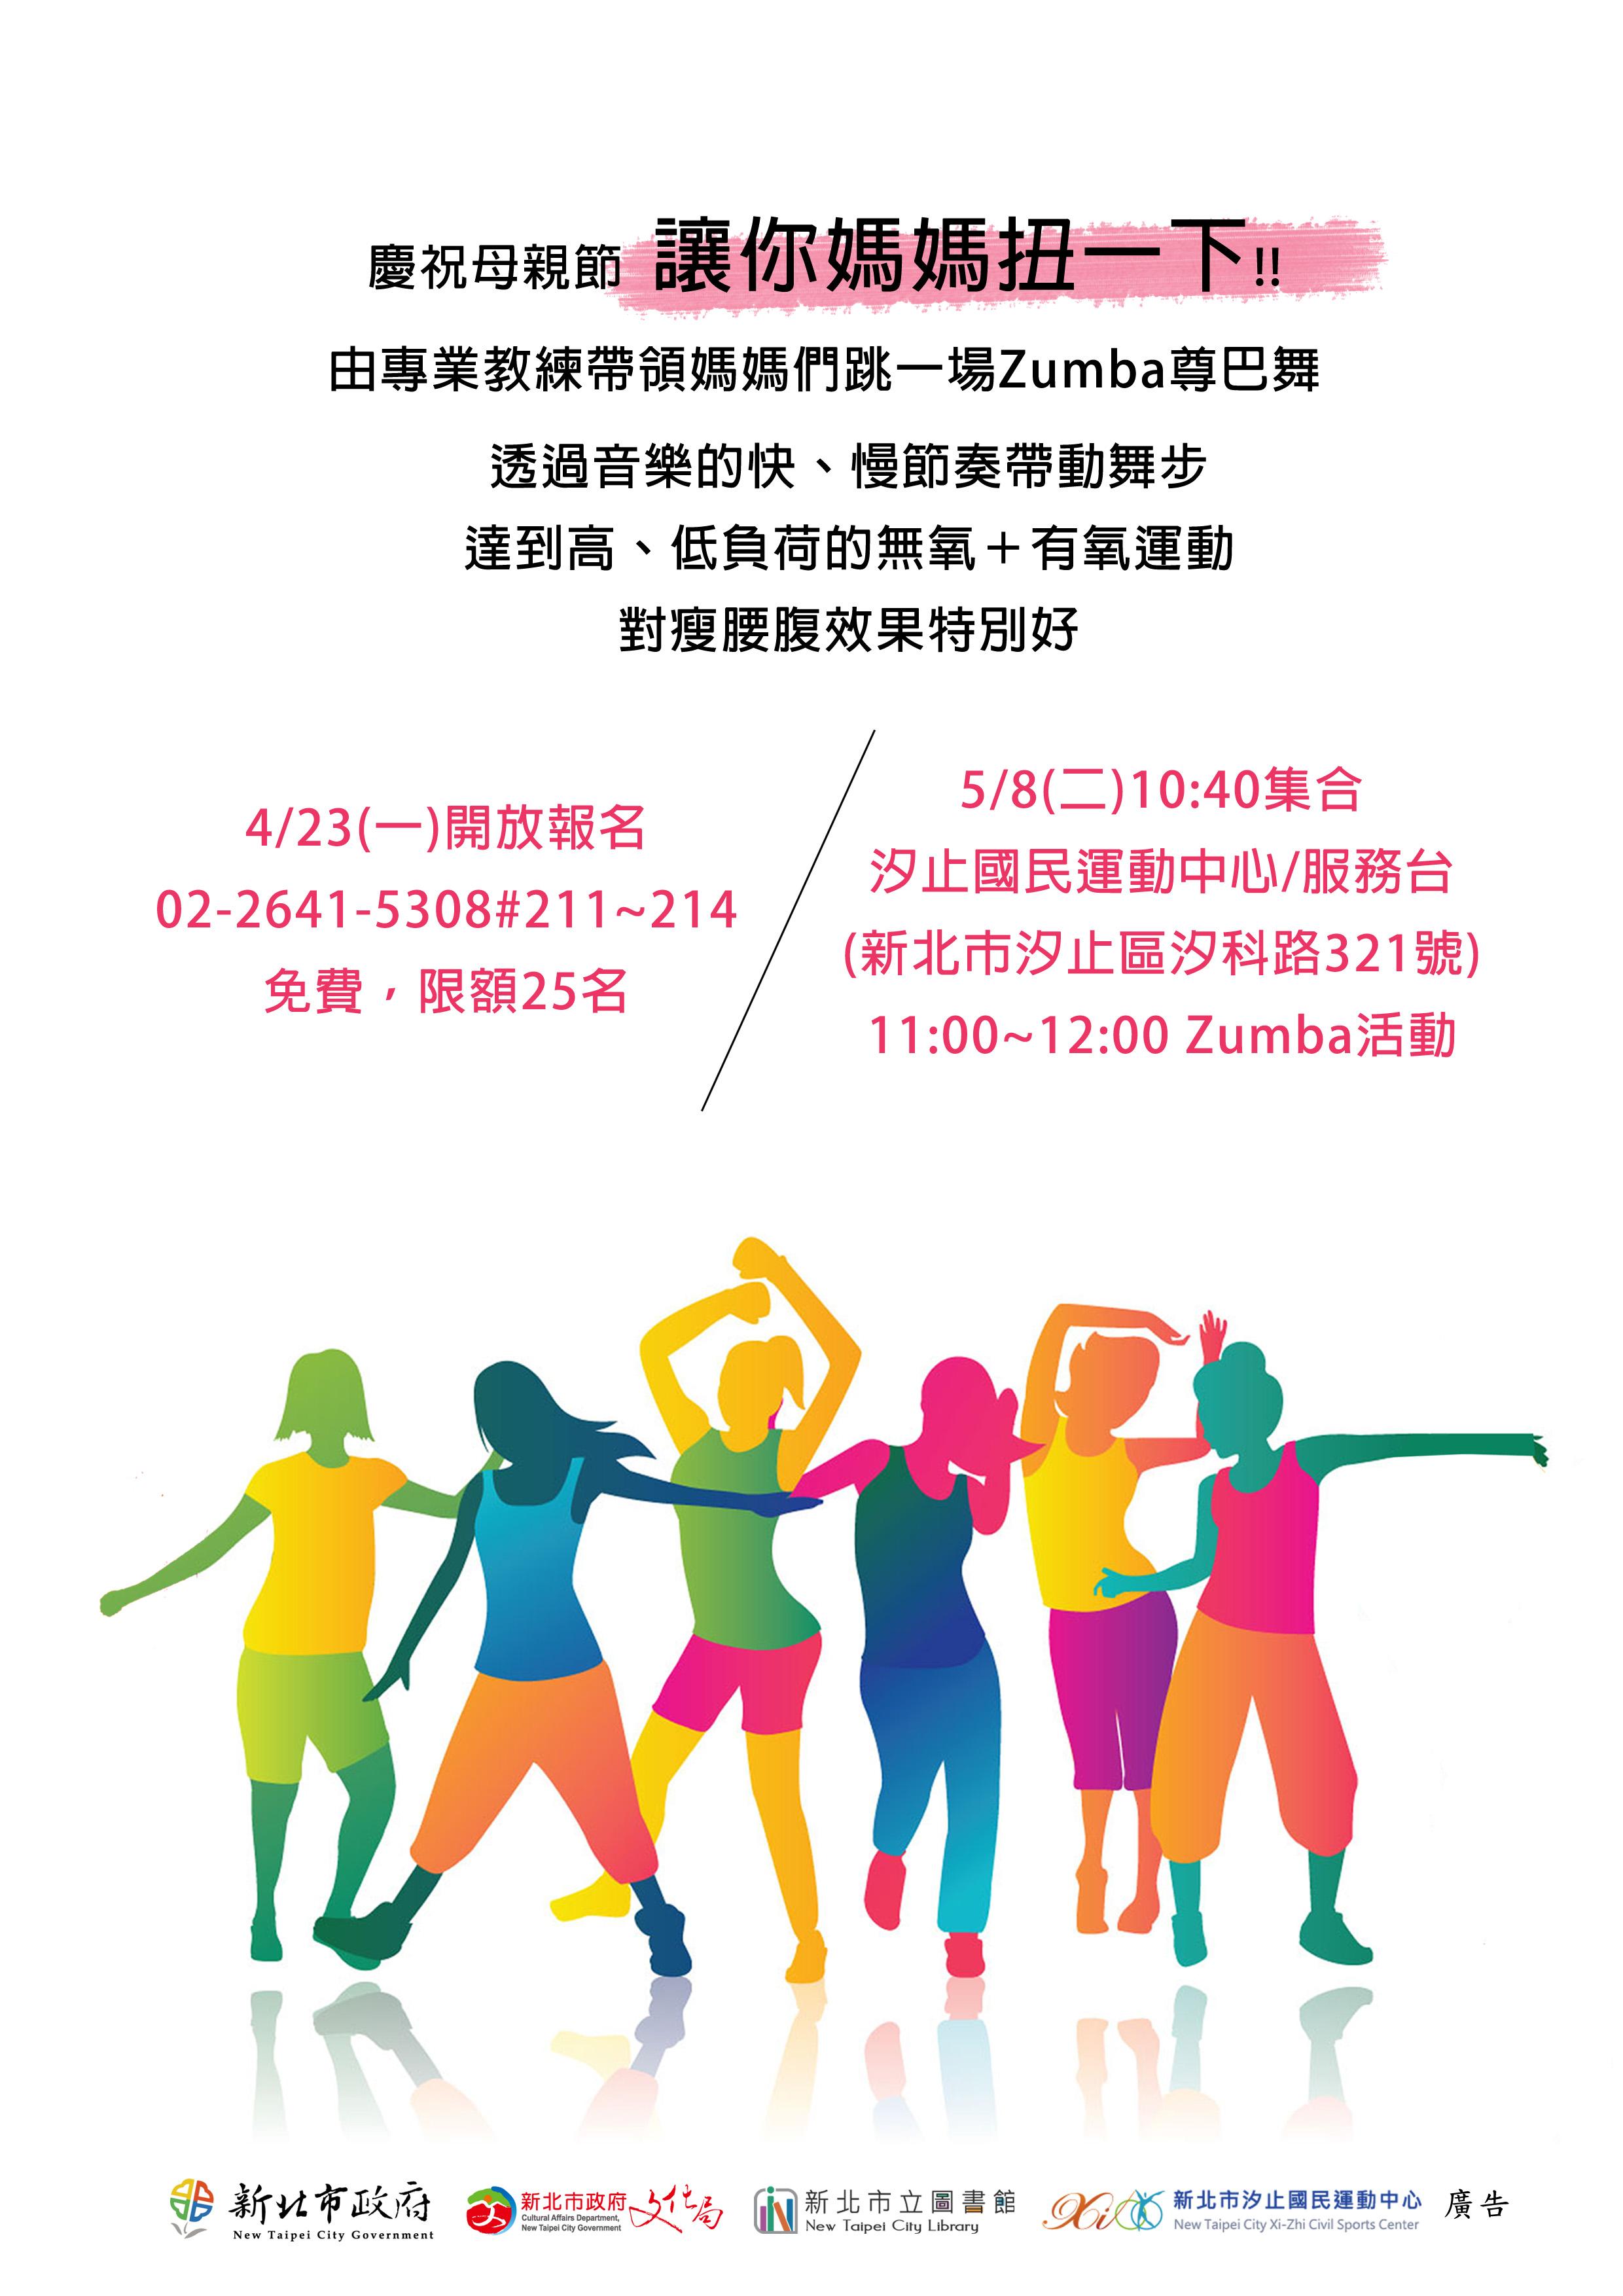 1070508 ZUMBA DANCE